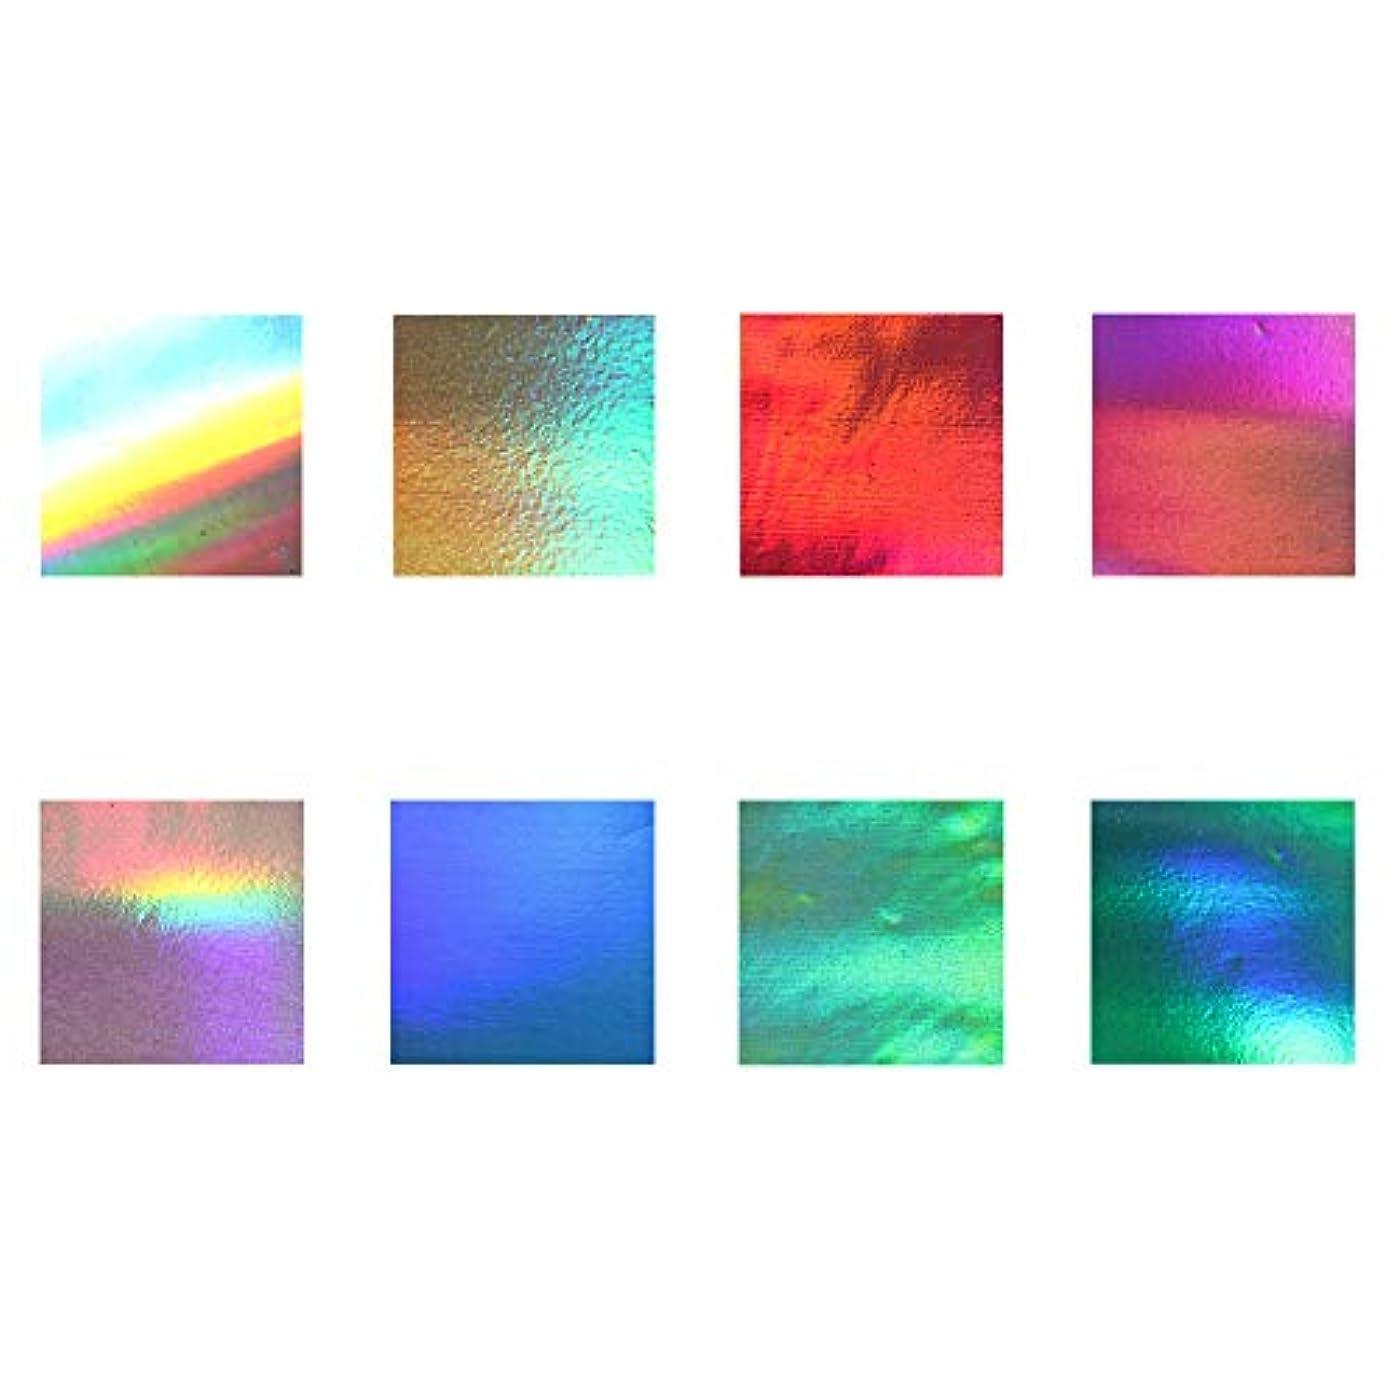 ファンシーシャーロックホームズロータリーネイルアート ネイルホイル -8色セット-【 ノーマル】ジェルネイル セルフネイル レジン マニキュア ネイルホイル 箔